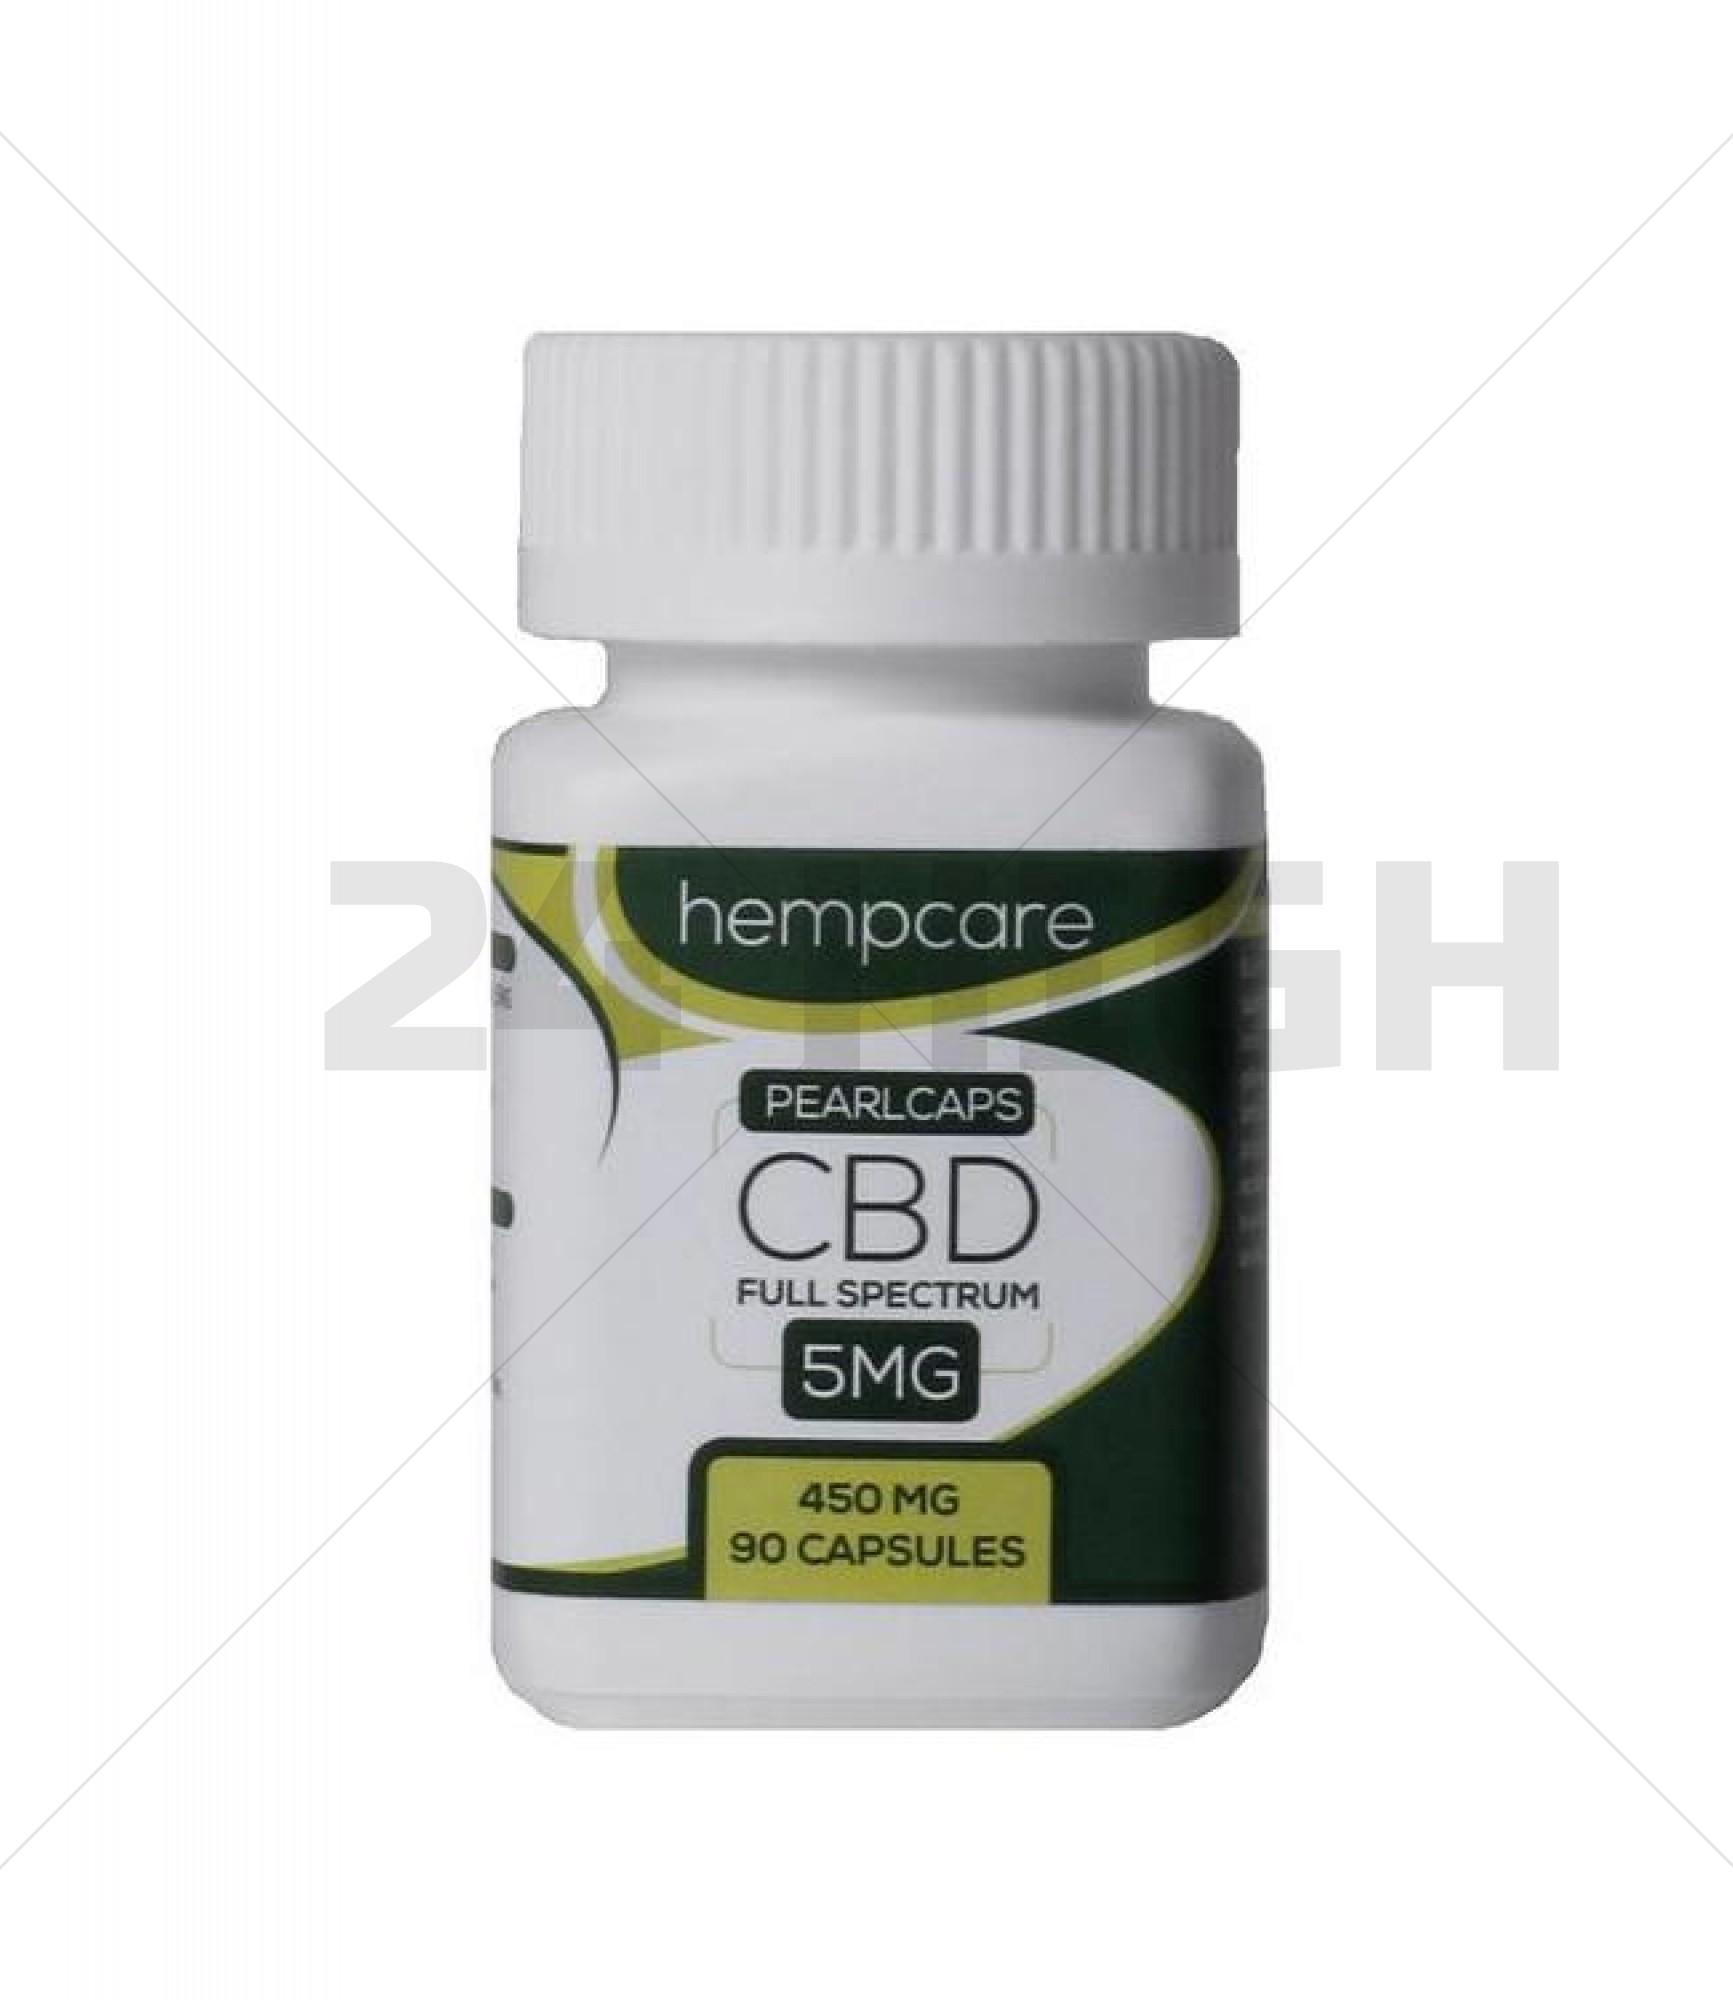 Hempcare CBD Pearlcaps 5 MG